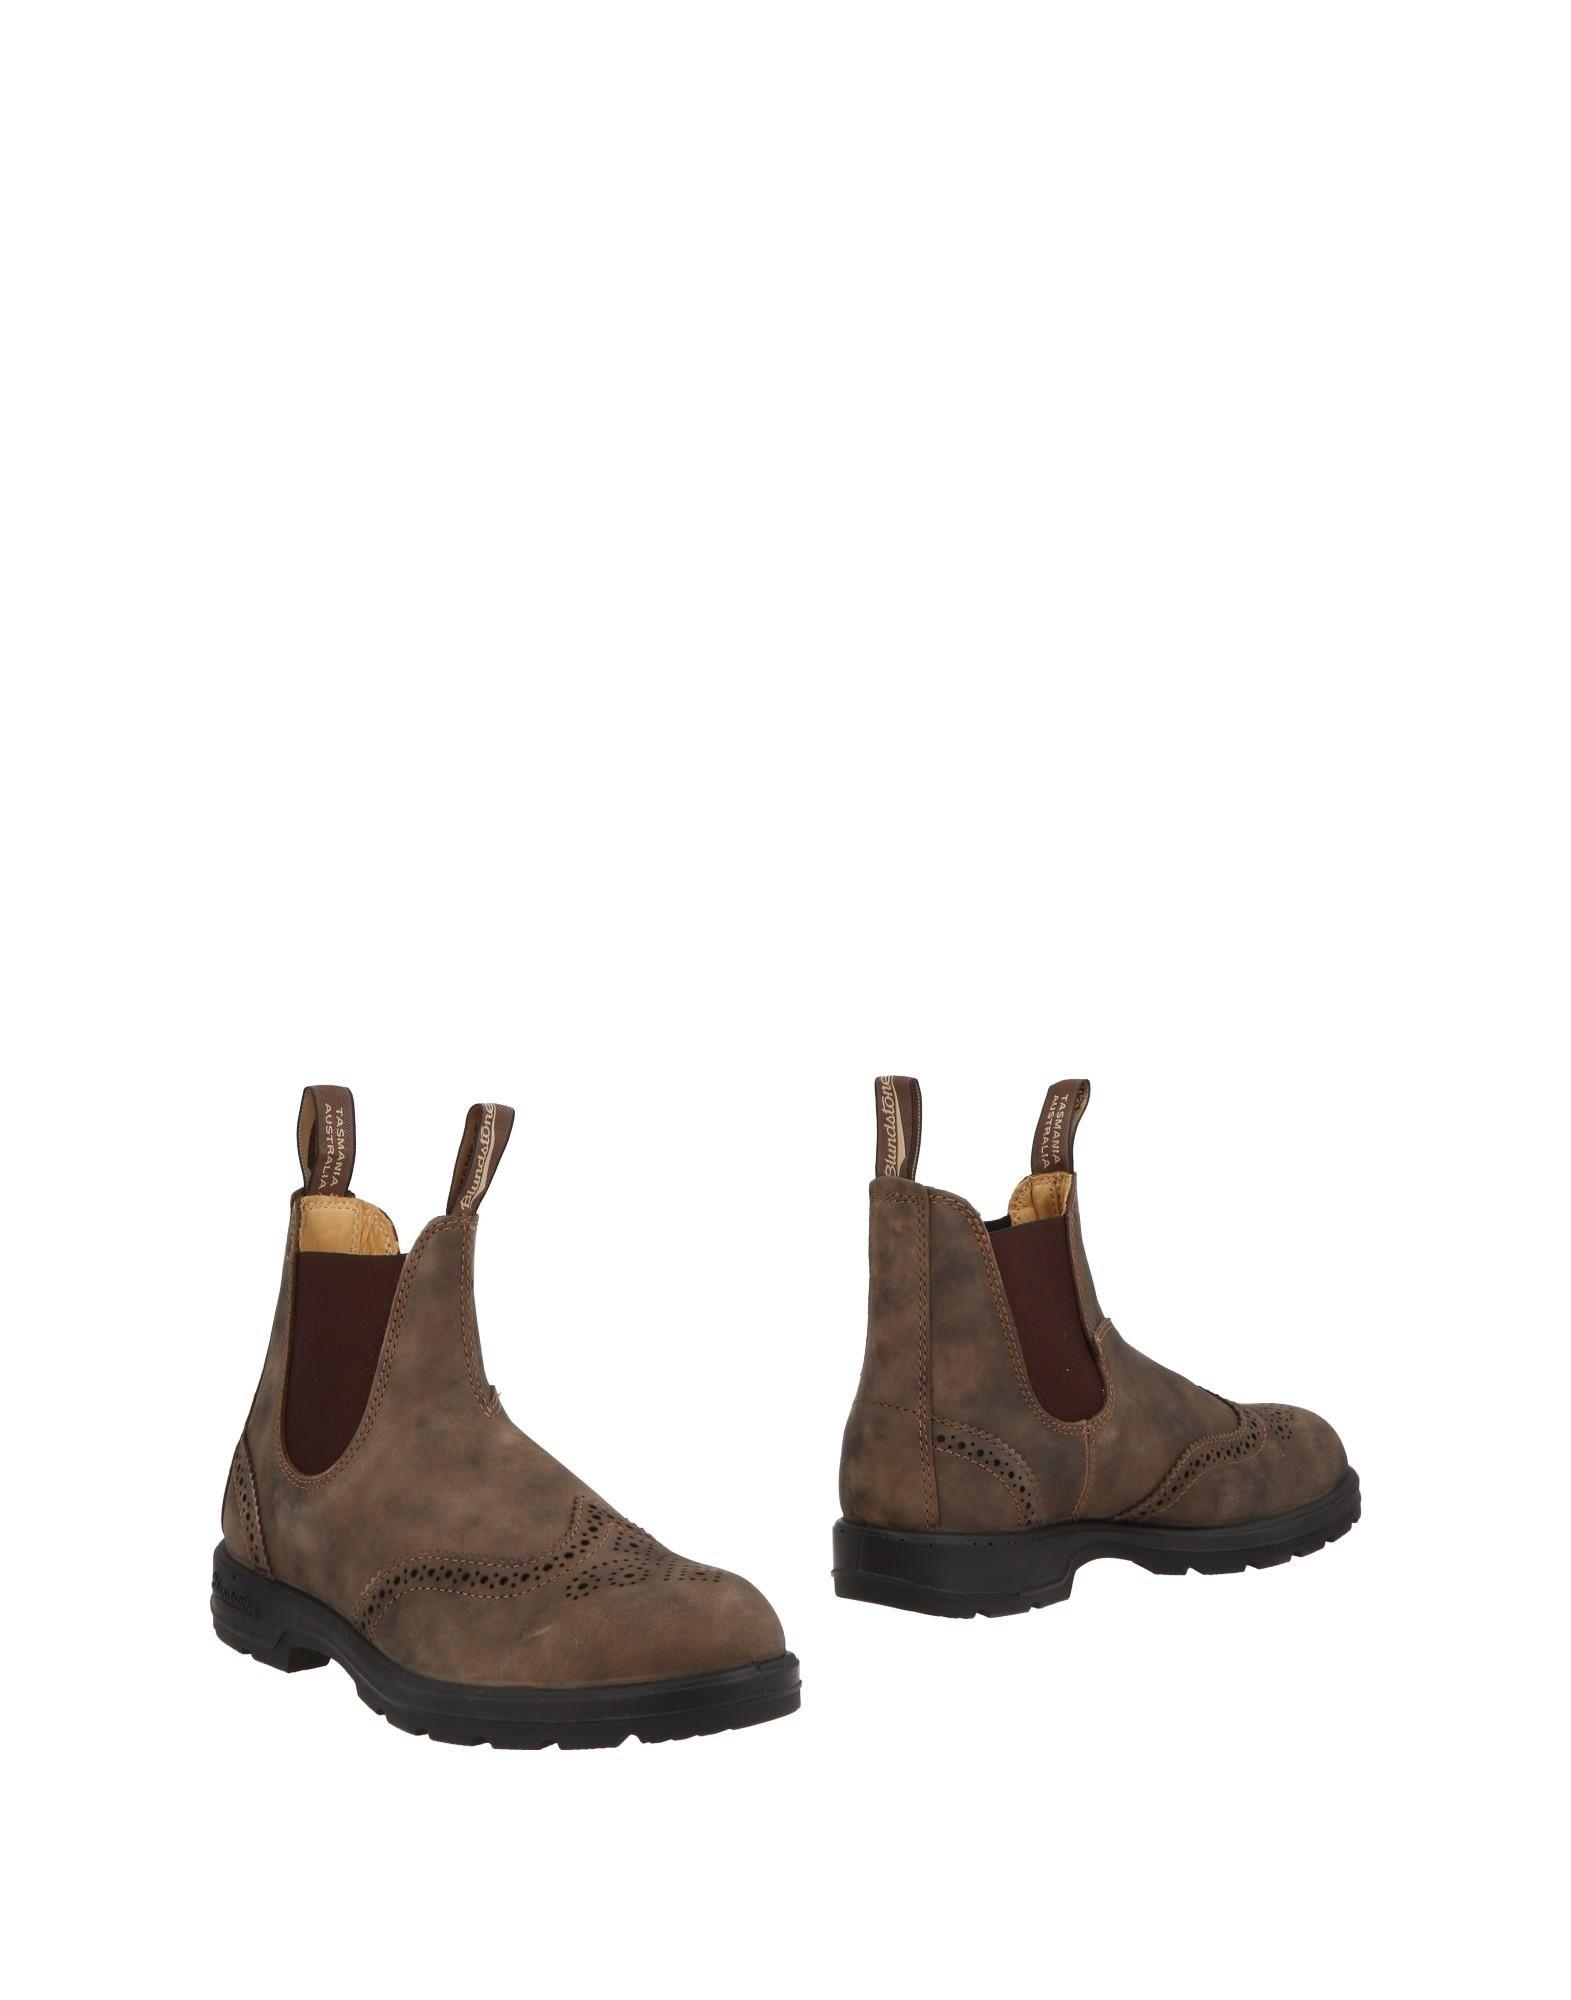 Rabatt echte  Schuhe Blundstone Stiefelette Herren  echte 11493146GE 0c2265